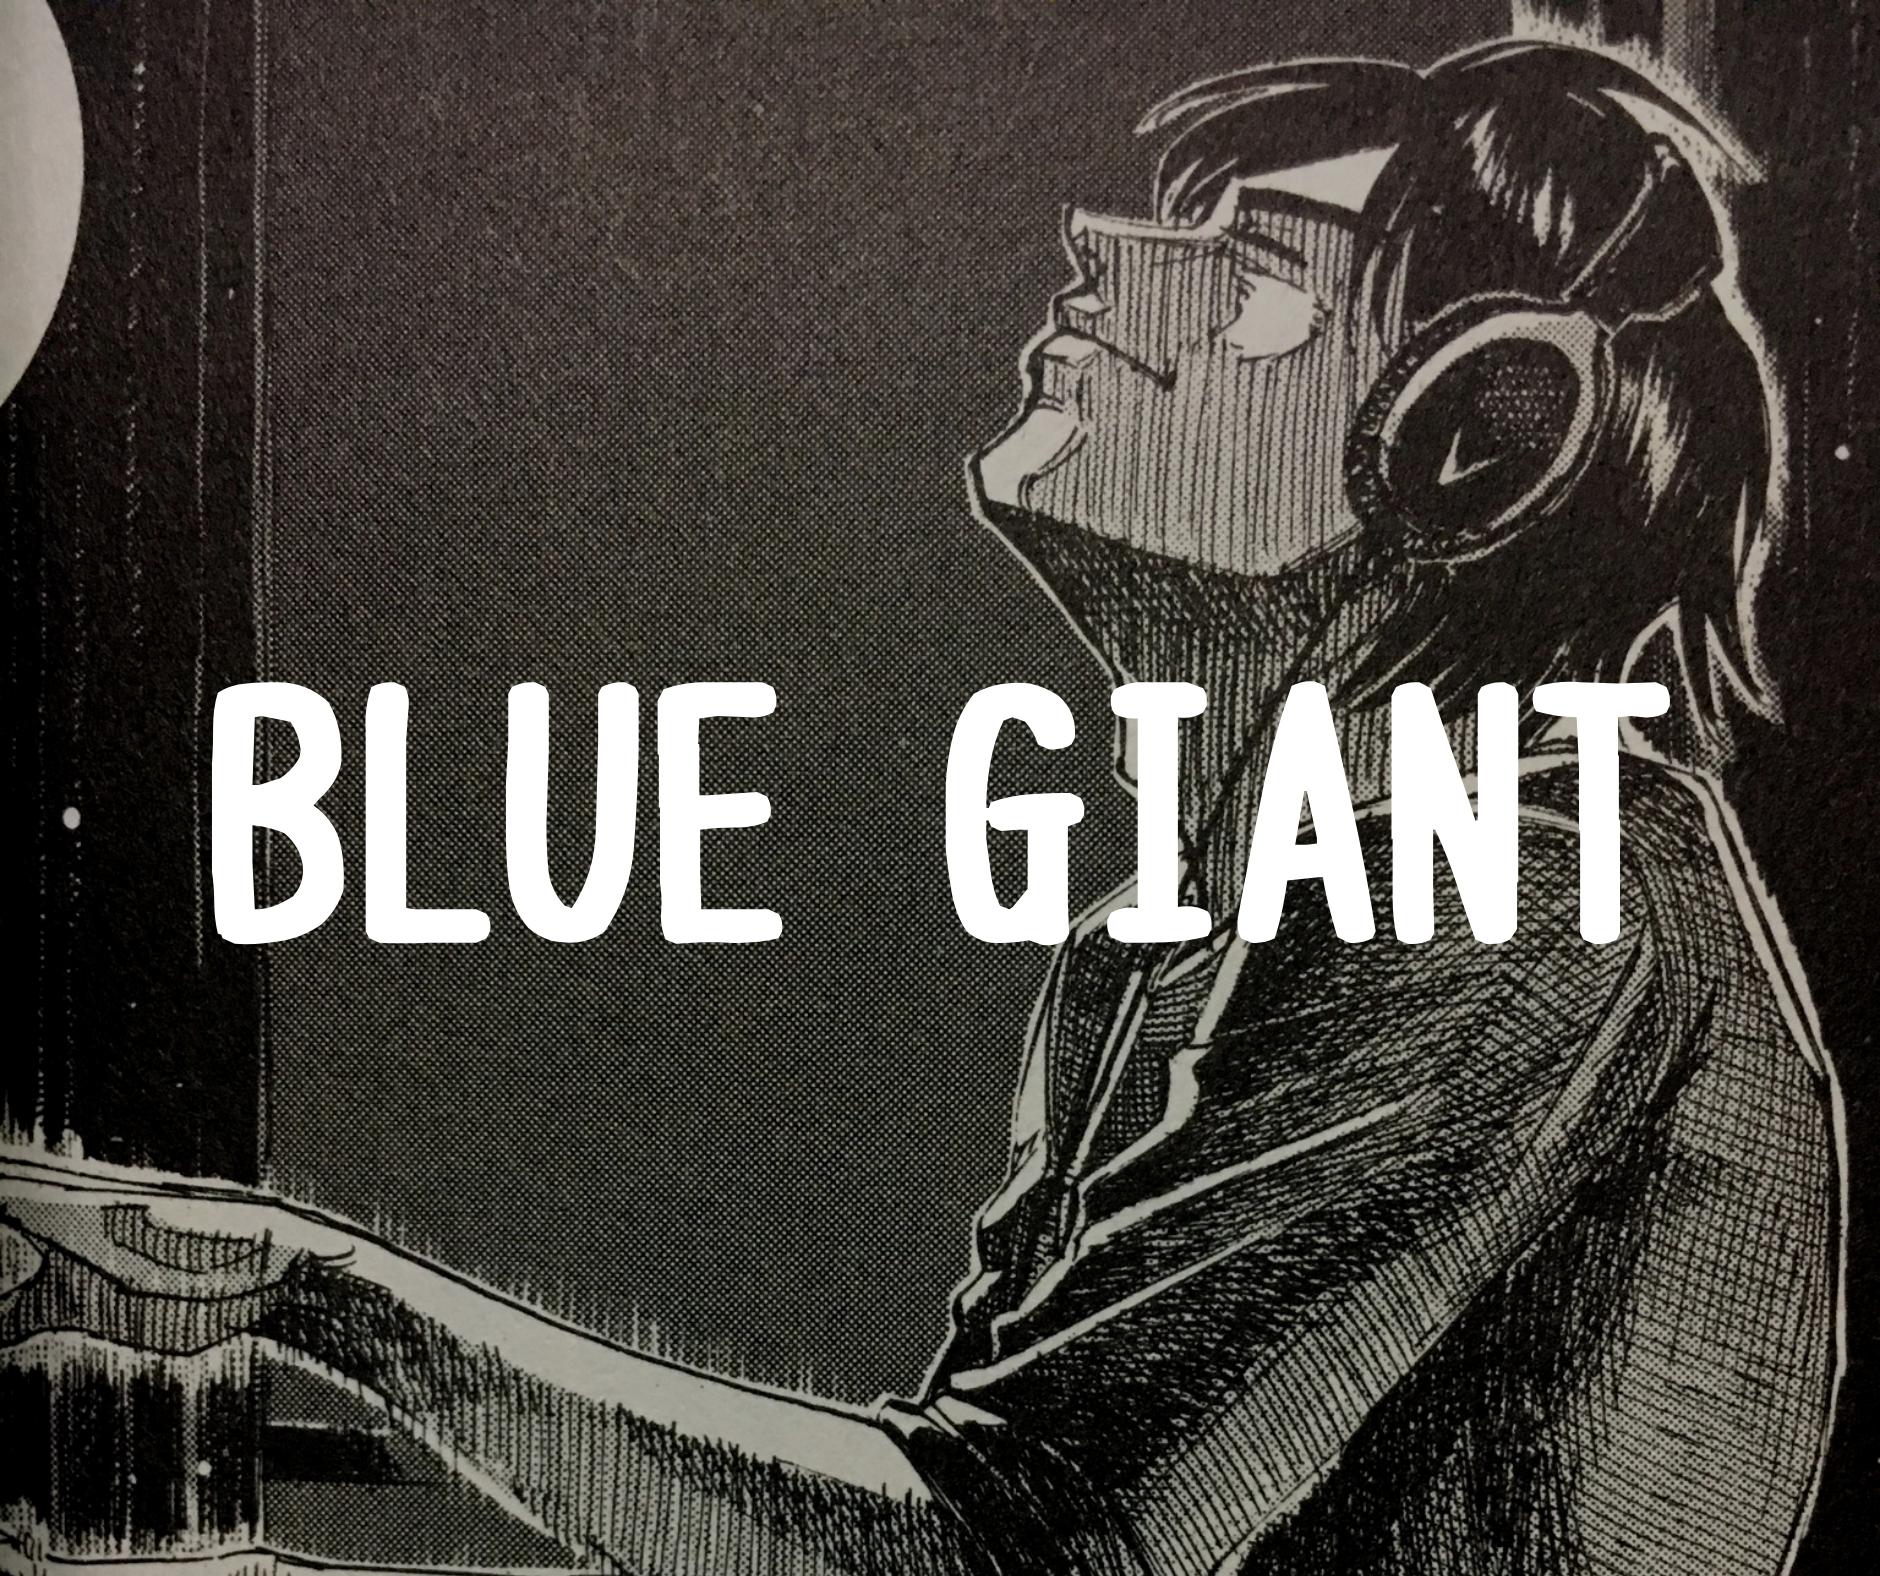 『BLUE GIANT(ブルージャイアント)』がマジで面白い!まず10巻まで読めば必ずハマる!